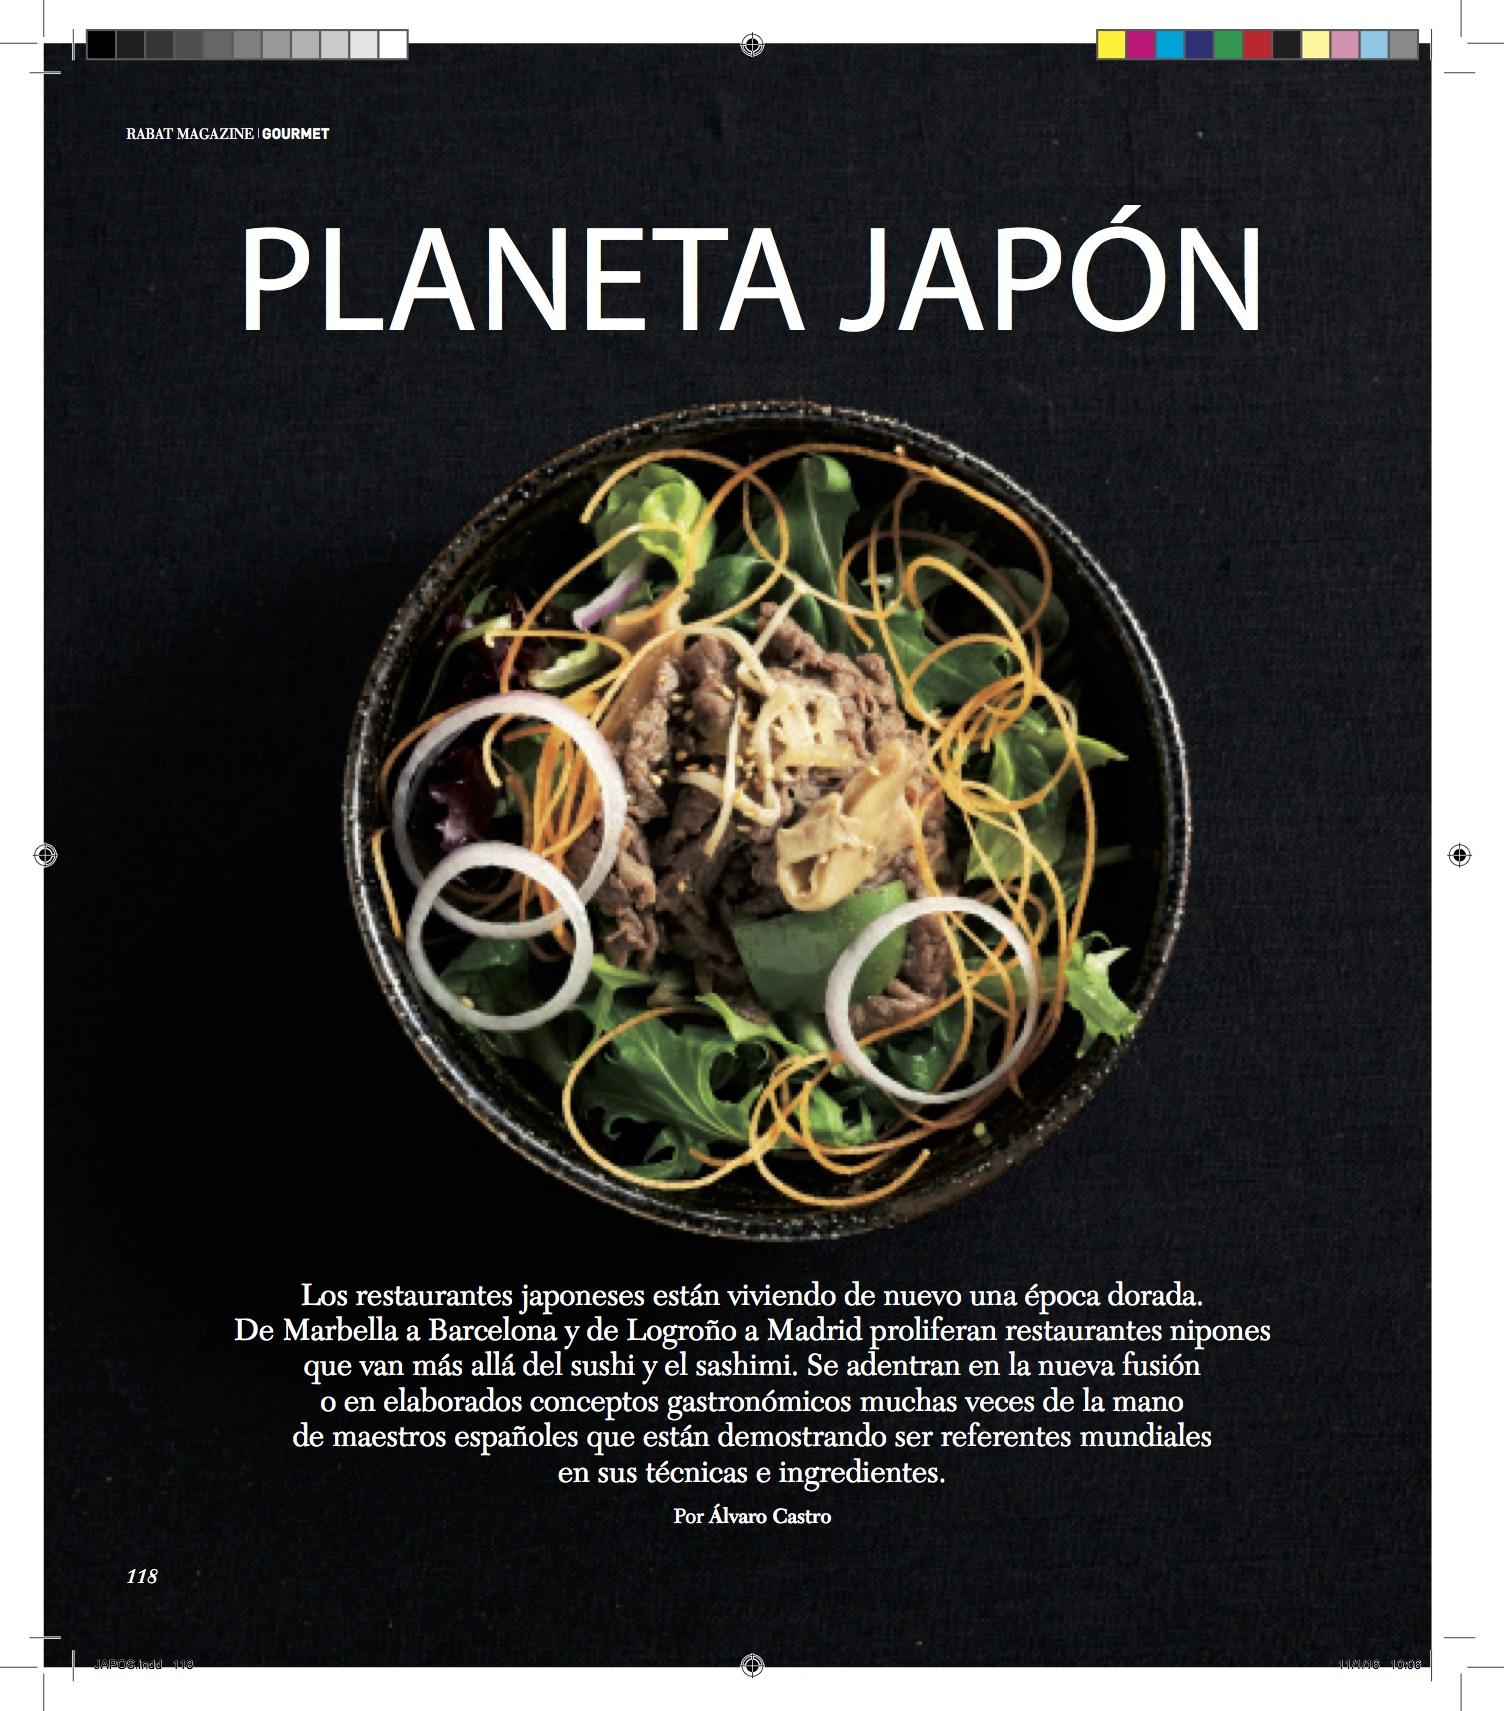 Planeta Japón/ Rabat Otoño-Invierno 2015